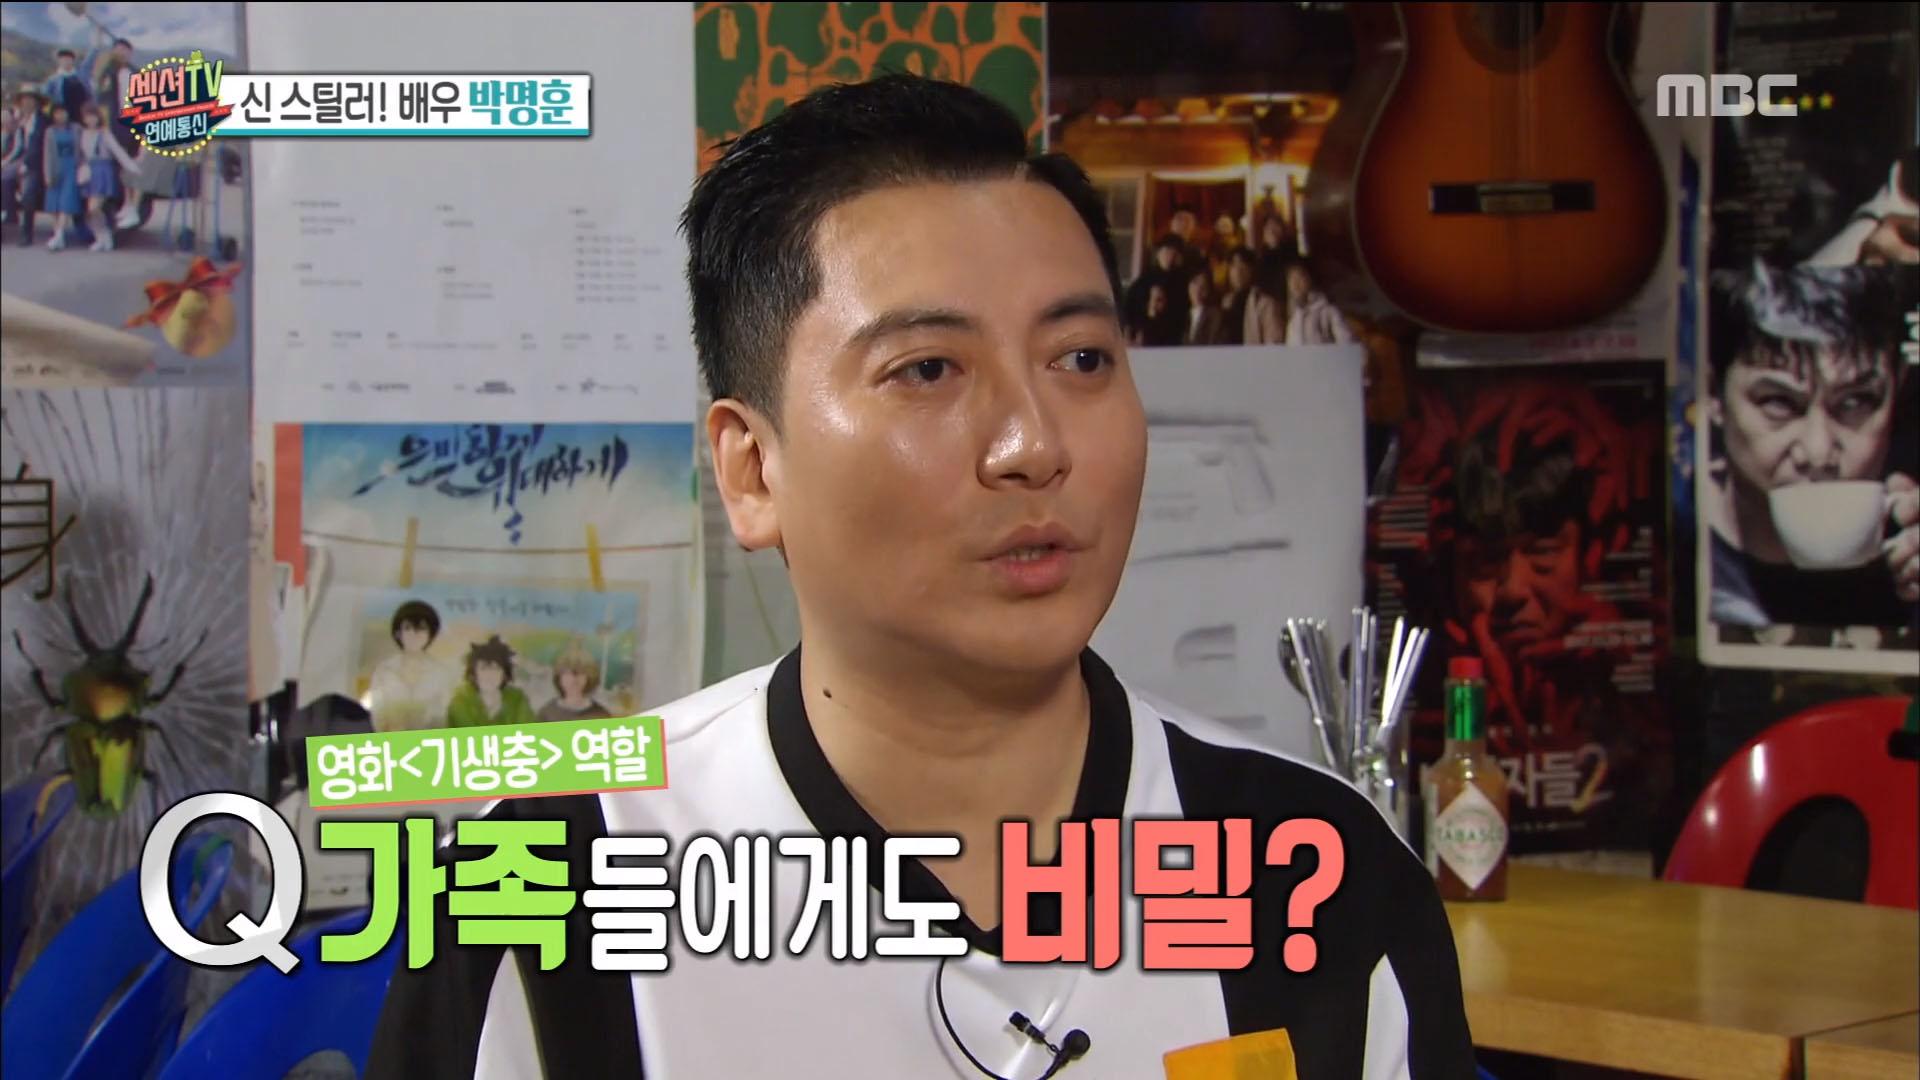 '섹션TV 연예통신' 기생충의 숨은 주역 박명훈! 깜짝 통화 연결의 주인공은?!